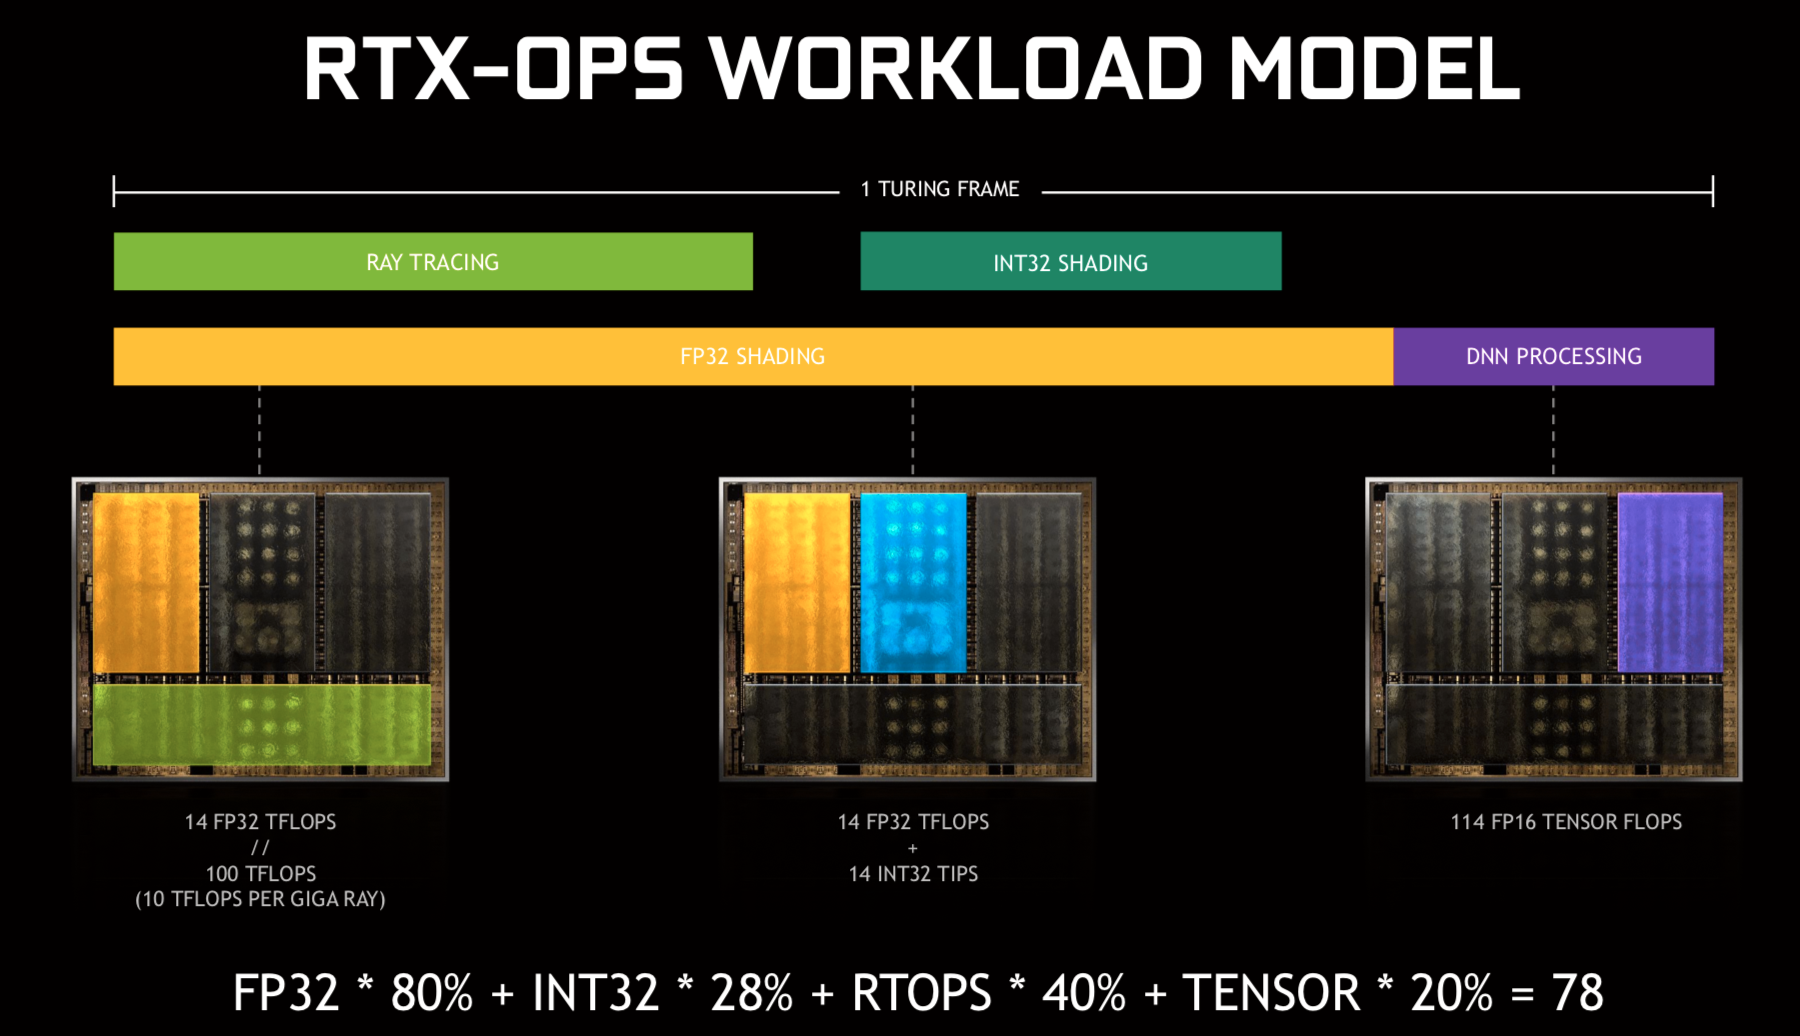 Dette er formelen for Nvidias RTX-OPS, som de bruker for å skille ytelsen til de nye RTX-kortene.